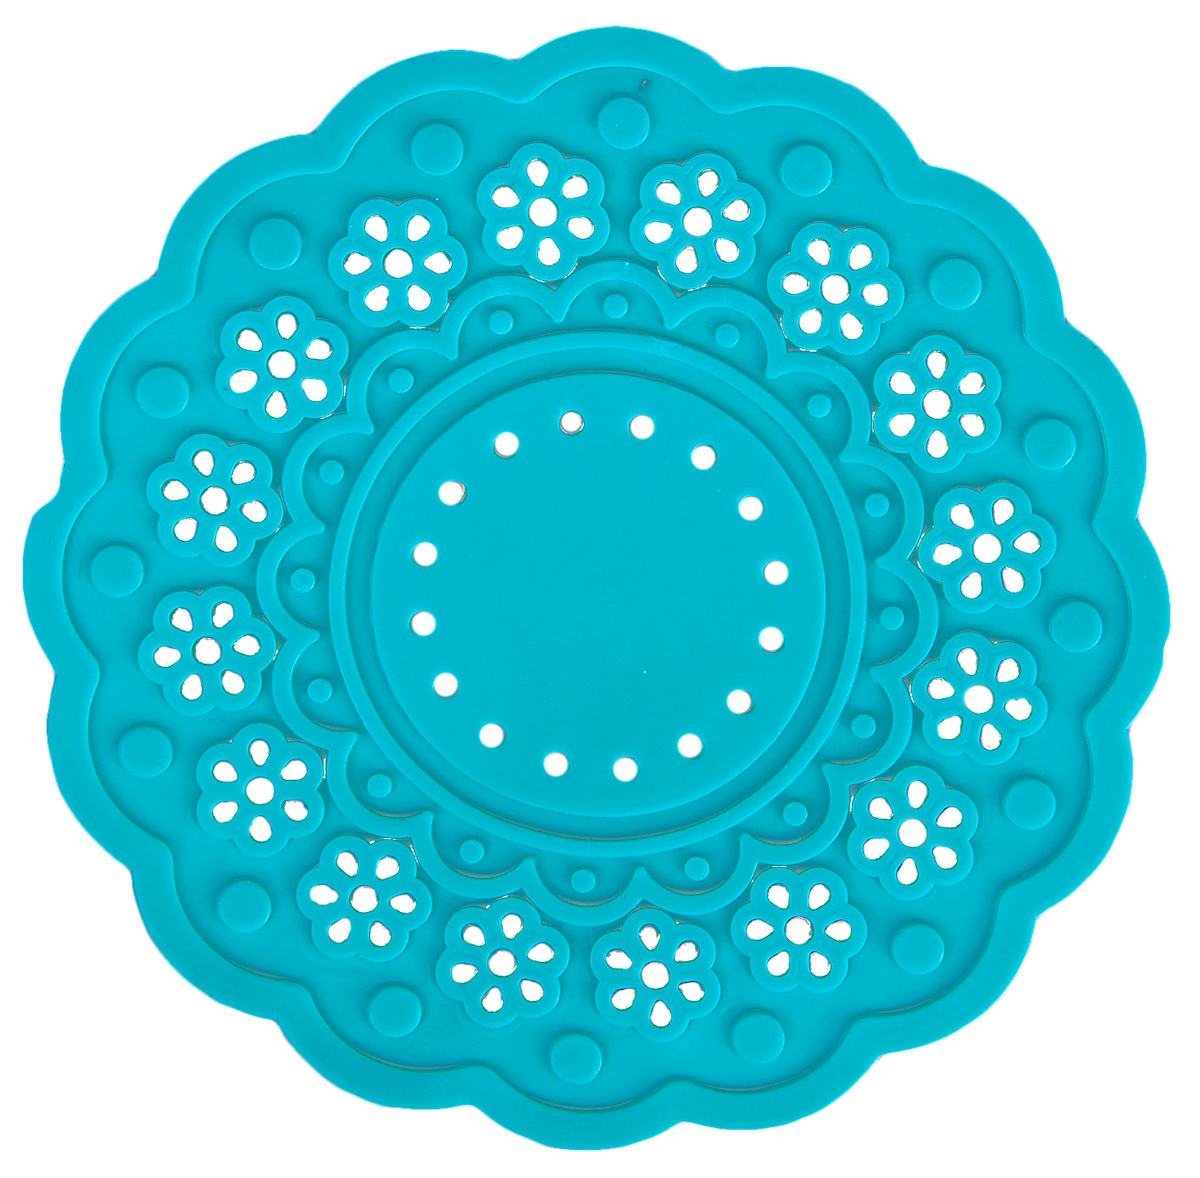 Набор подставок под горячее Доляна Затея, цвет: бирюзовый, 10 см, 4 шт столы